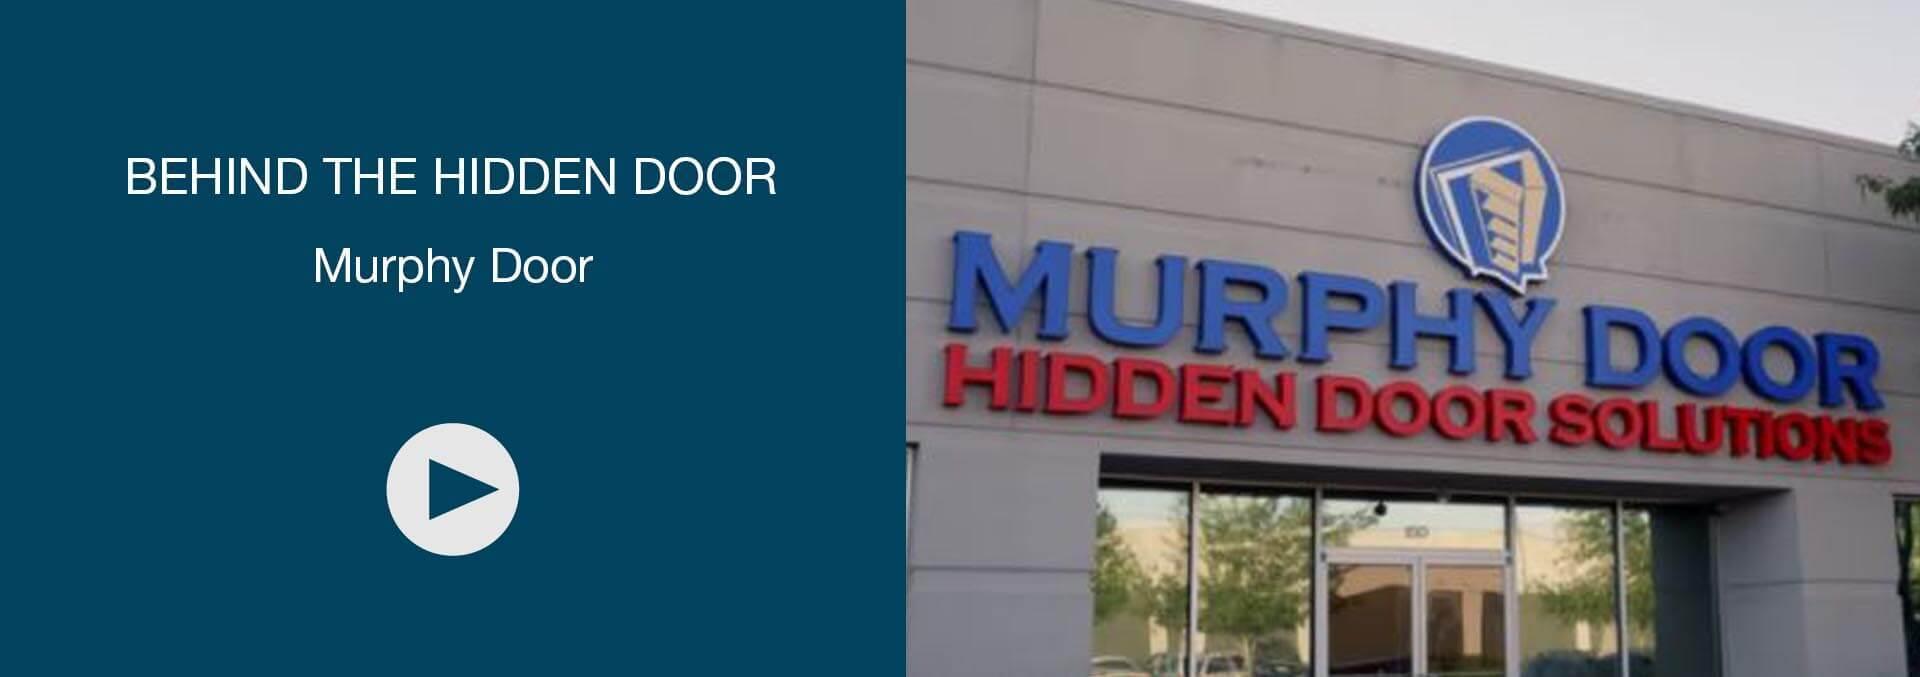 Behind the Hidden Door